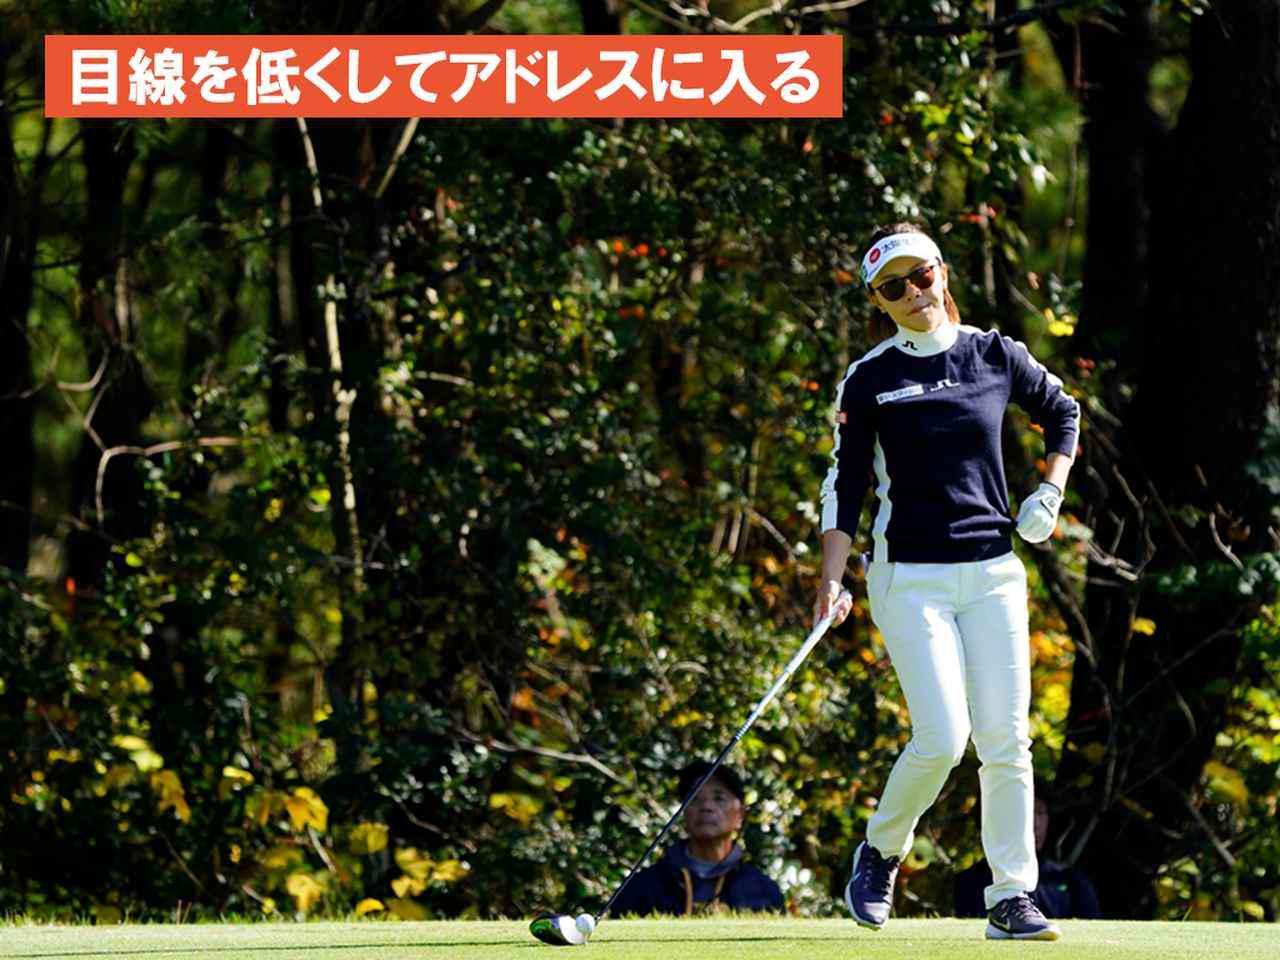 """画像20: 【プレショットルーティン調査】女子プロゴルファー上位32人をチェック! 2タイプに分かれた""""アドレスの入り方"""""""